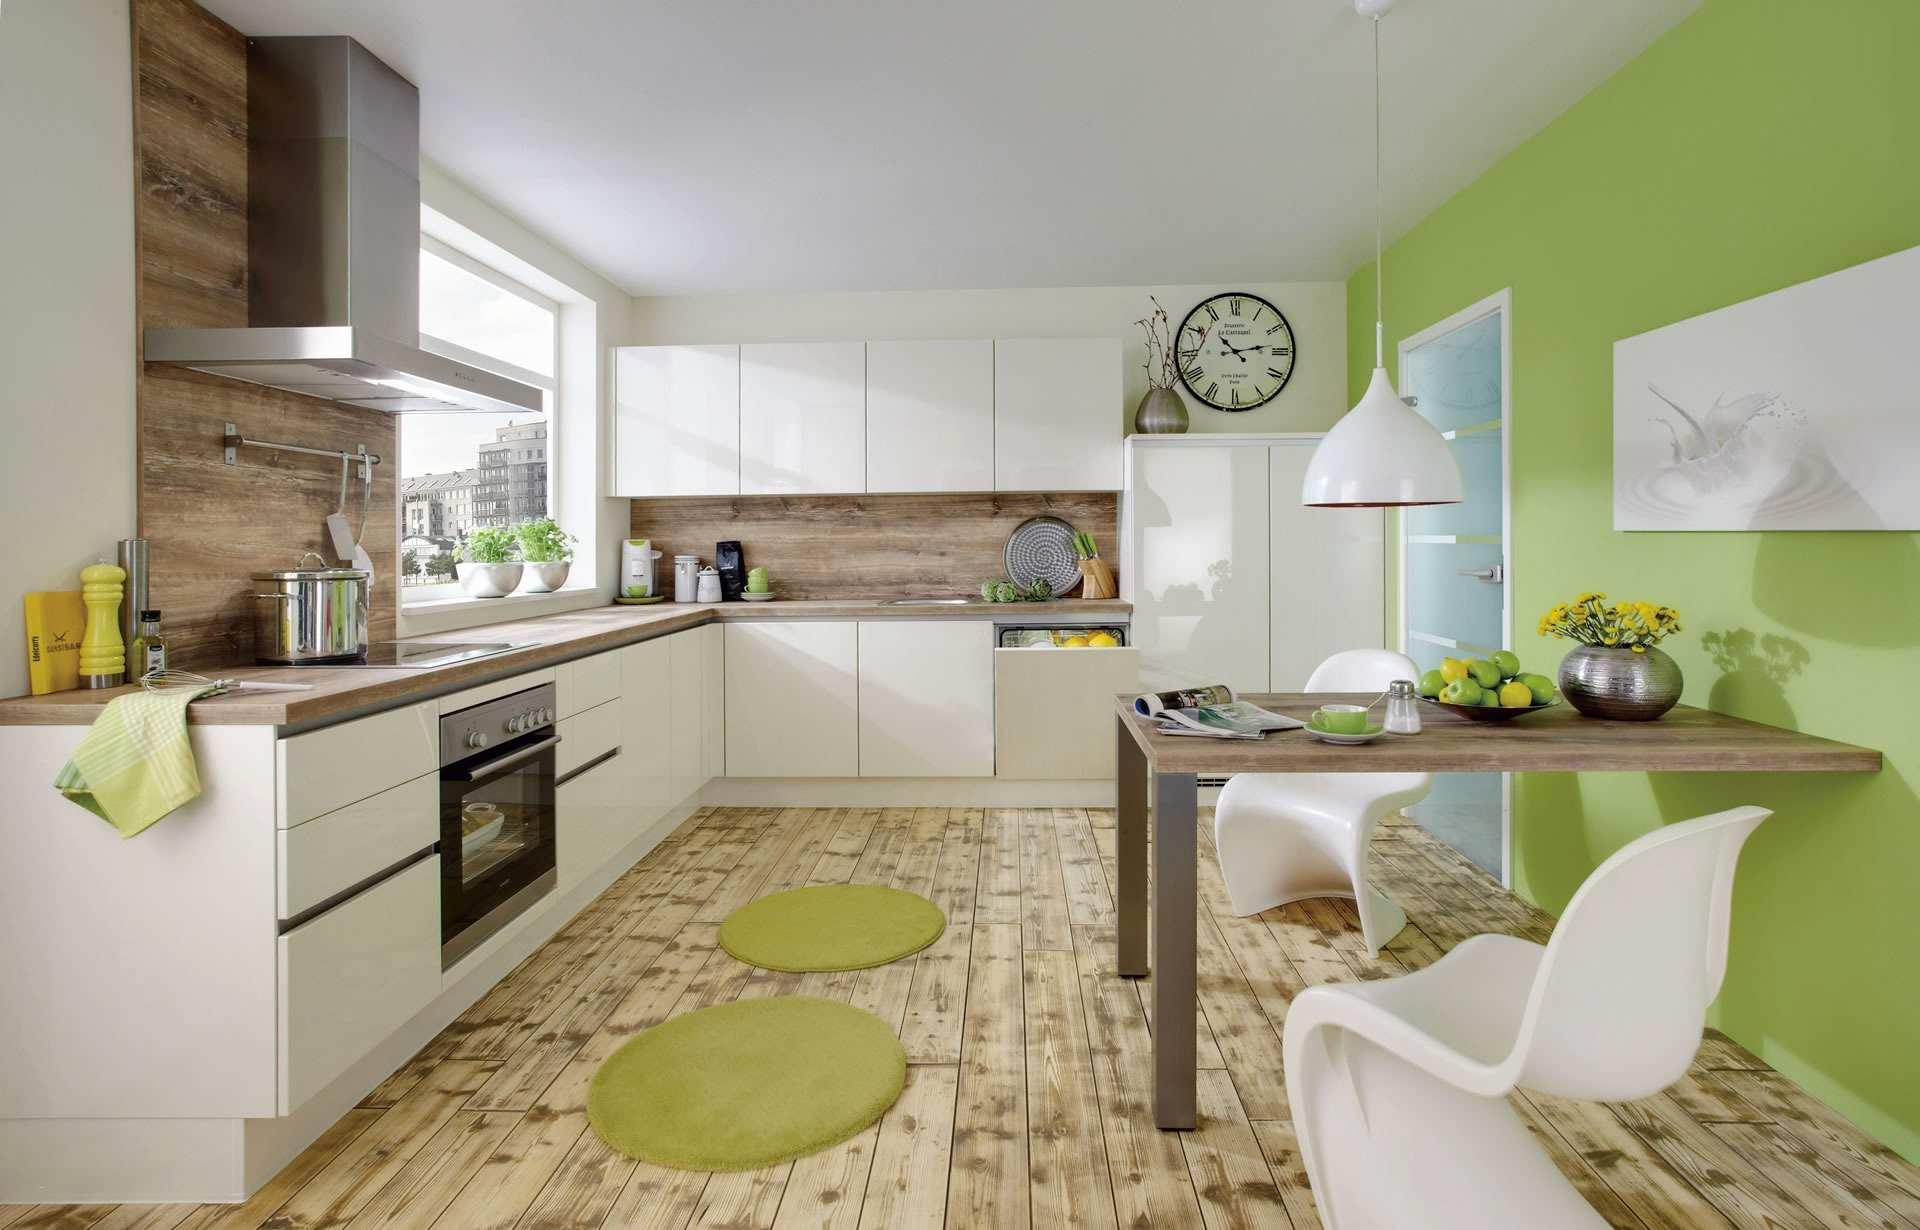 Full Size of Weiße Küche Wandfarbe Kche Farbe Wand Inspirierend Streichen Farbideen Fotos U Form Rolladenschrank Holz Modern Müllschrank Apothekerschrank Eckbank Wohnzimmer Weiße Küche Wandfarbe